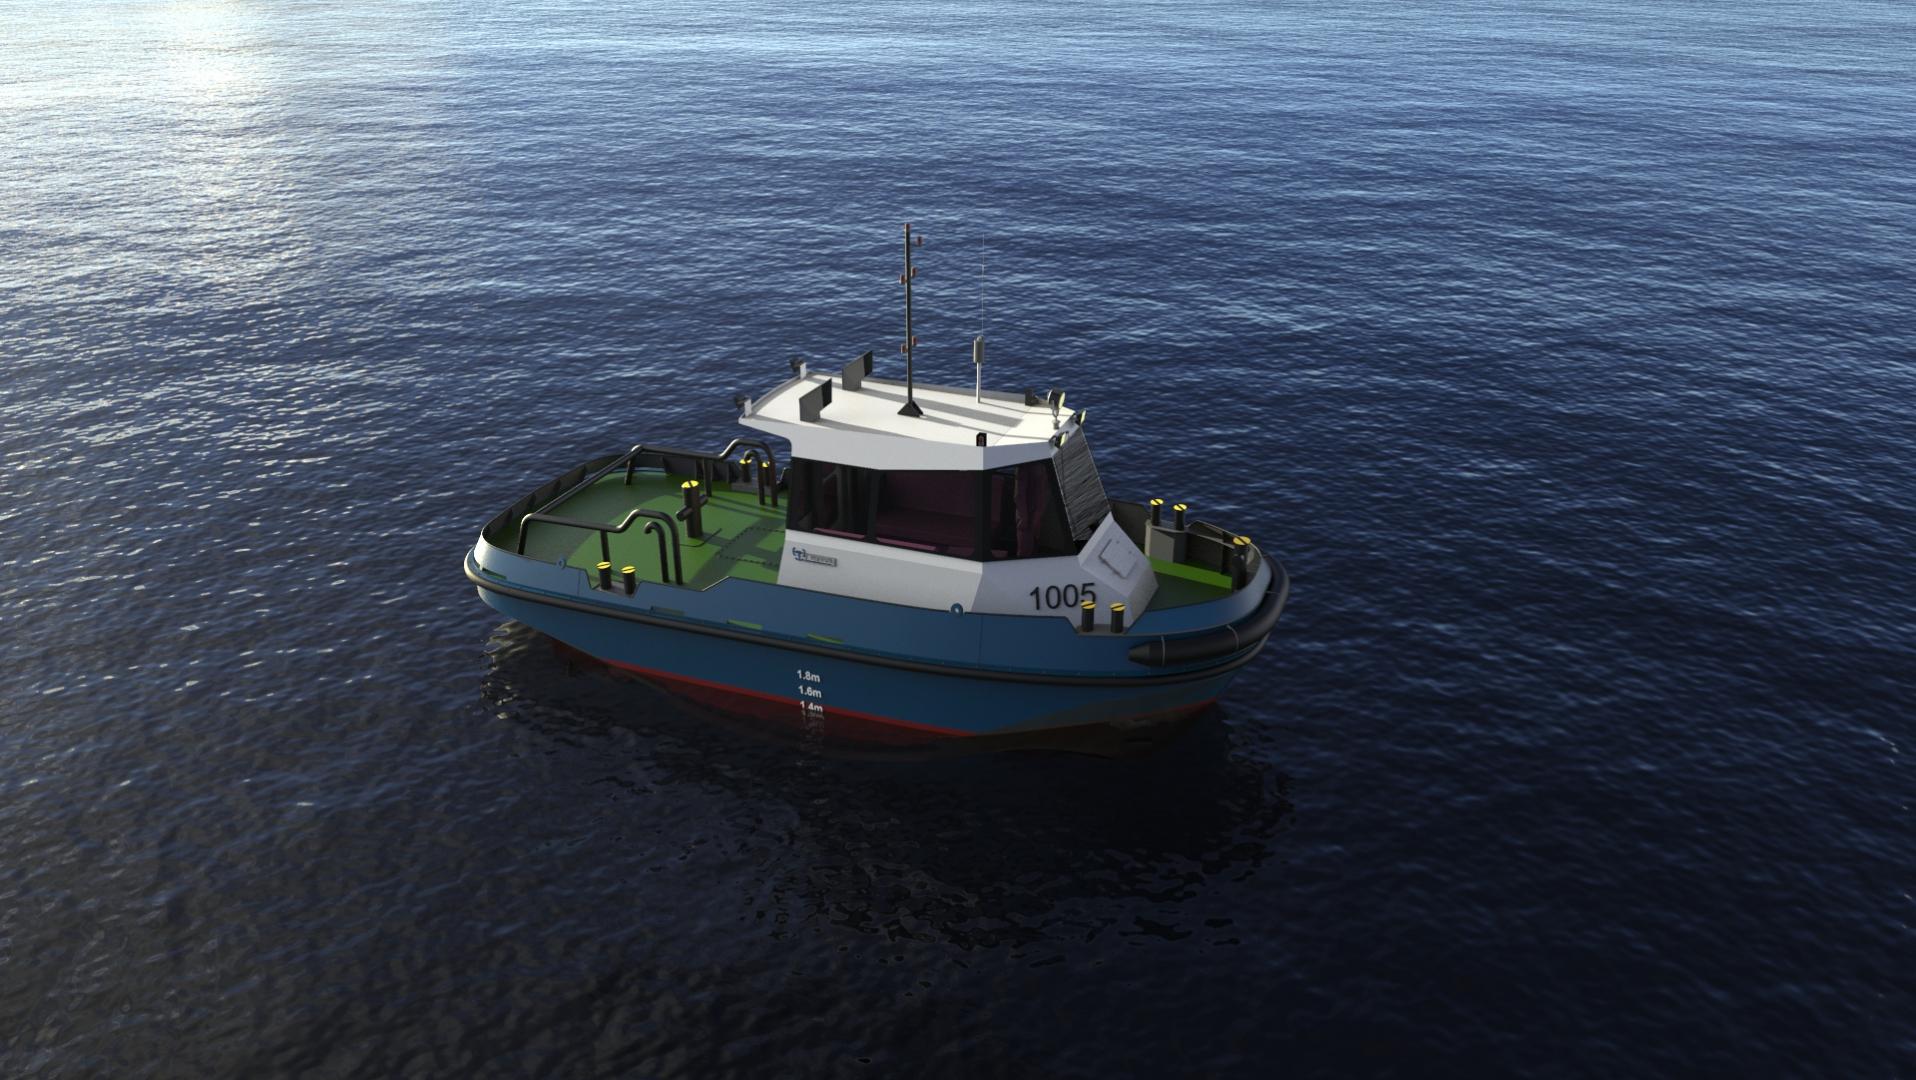 10m/5 TBP Mooring Boat